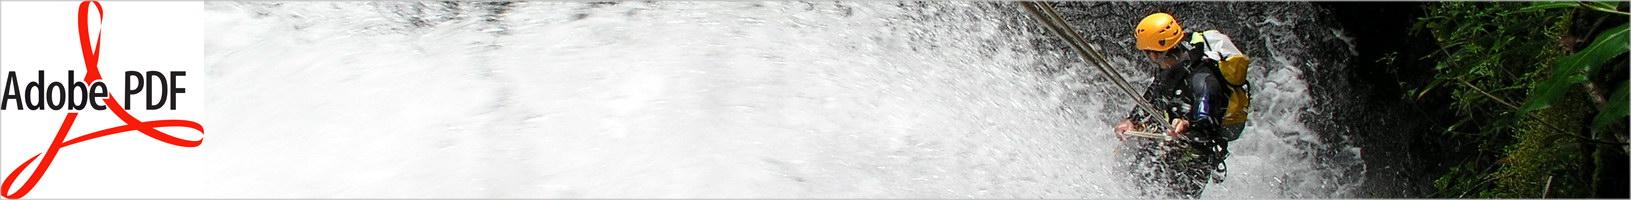 Artículo descenso de barrancos en Reunión (FR) | Diario viaje isla Reunión 2003